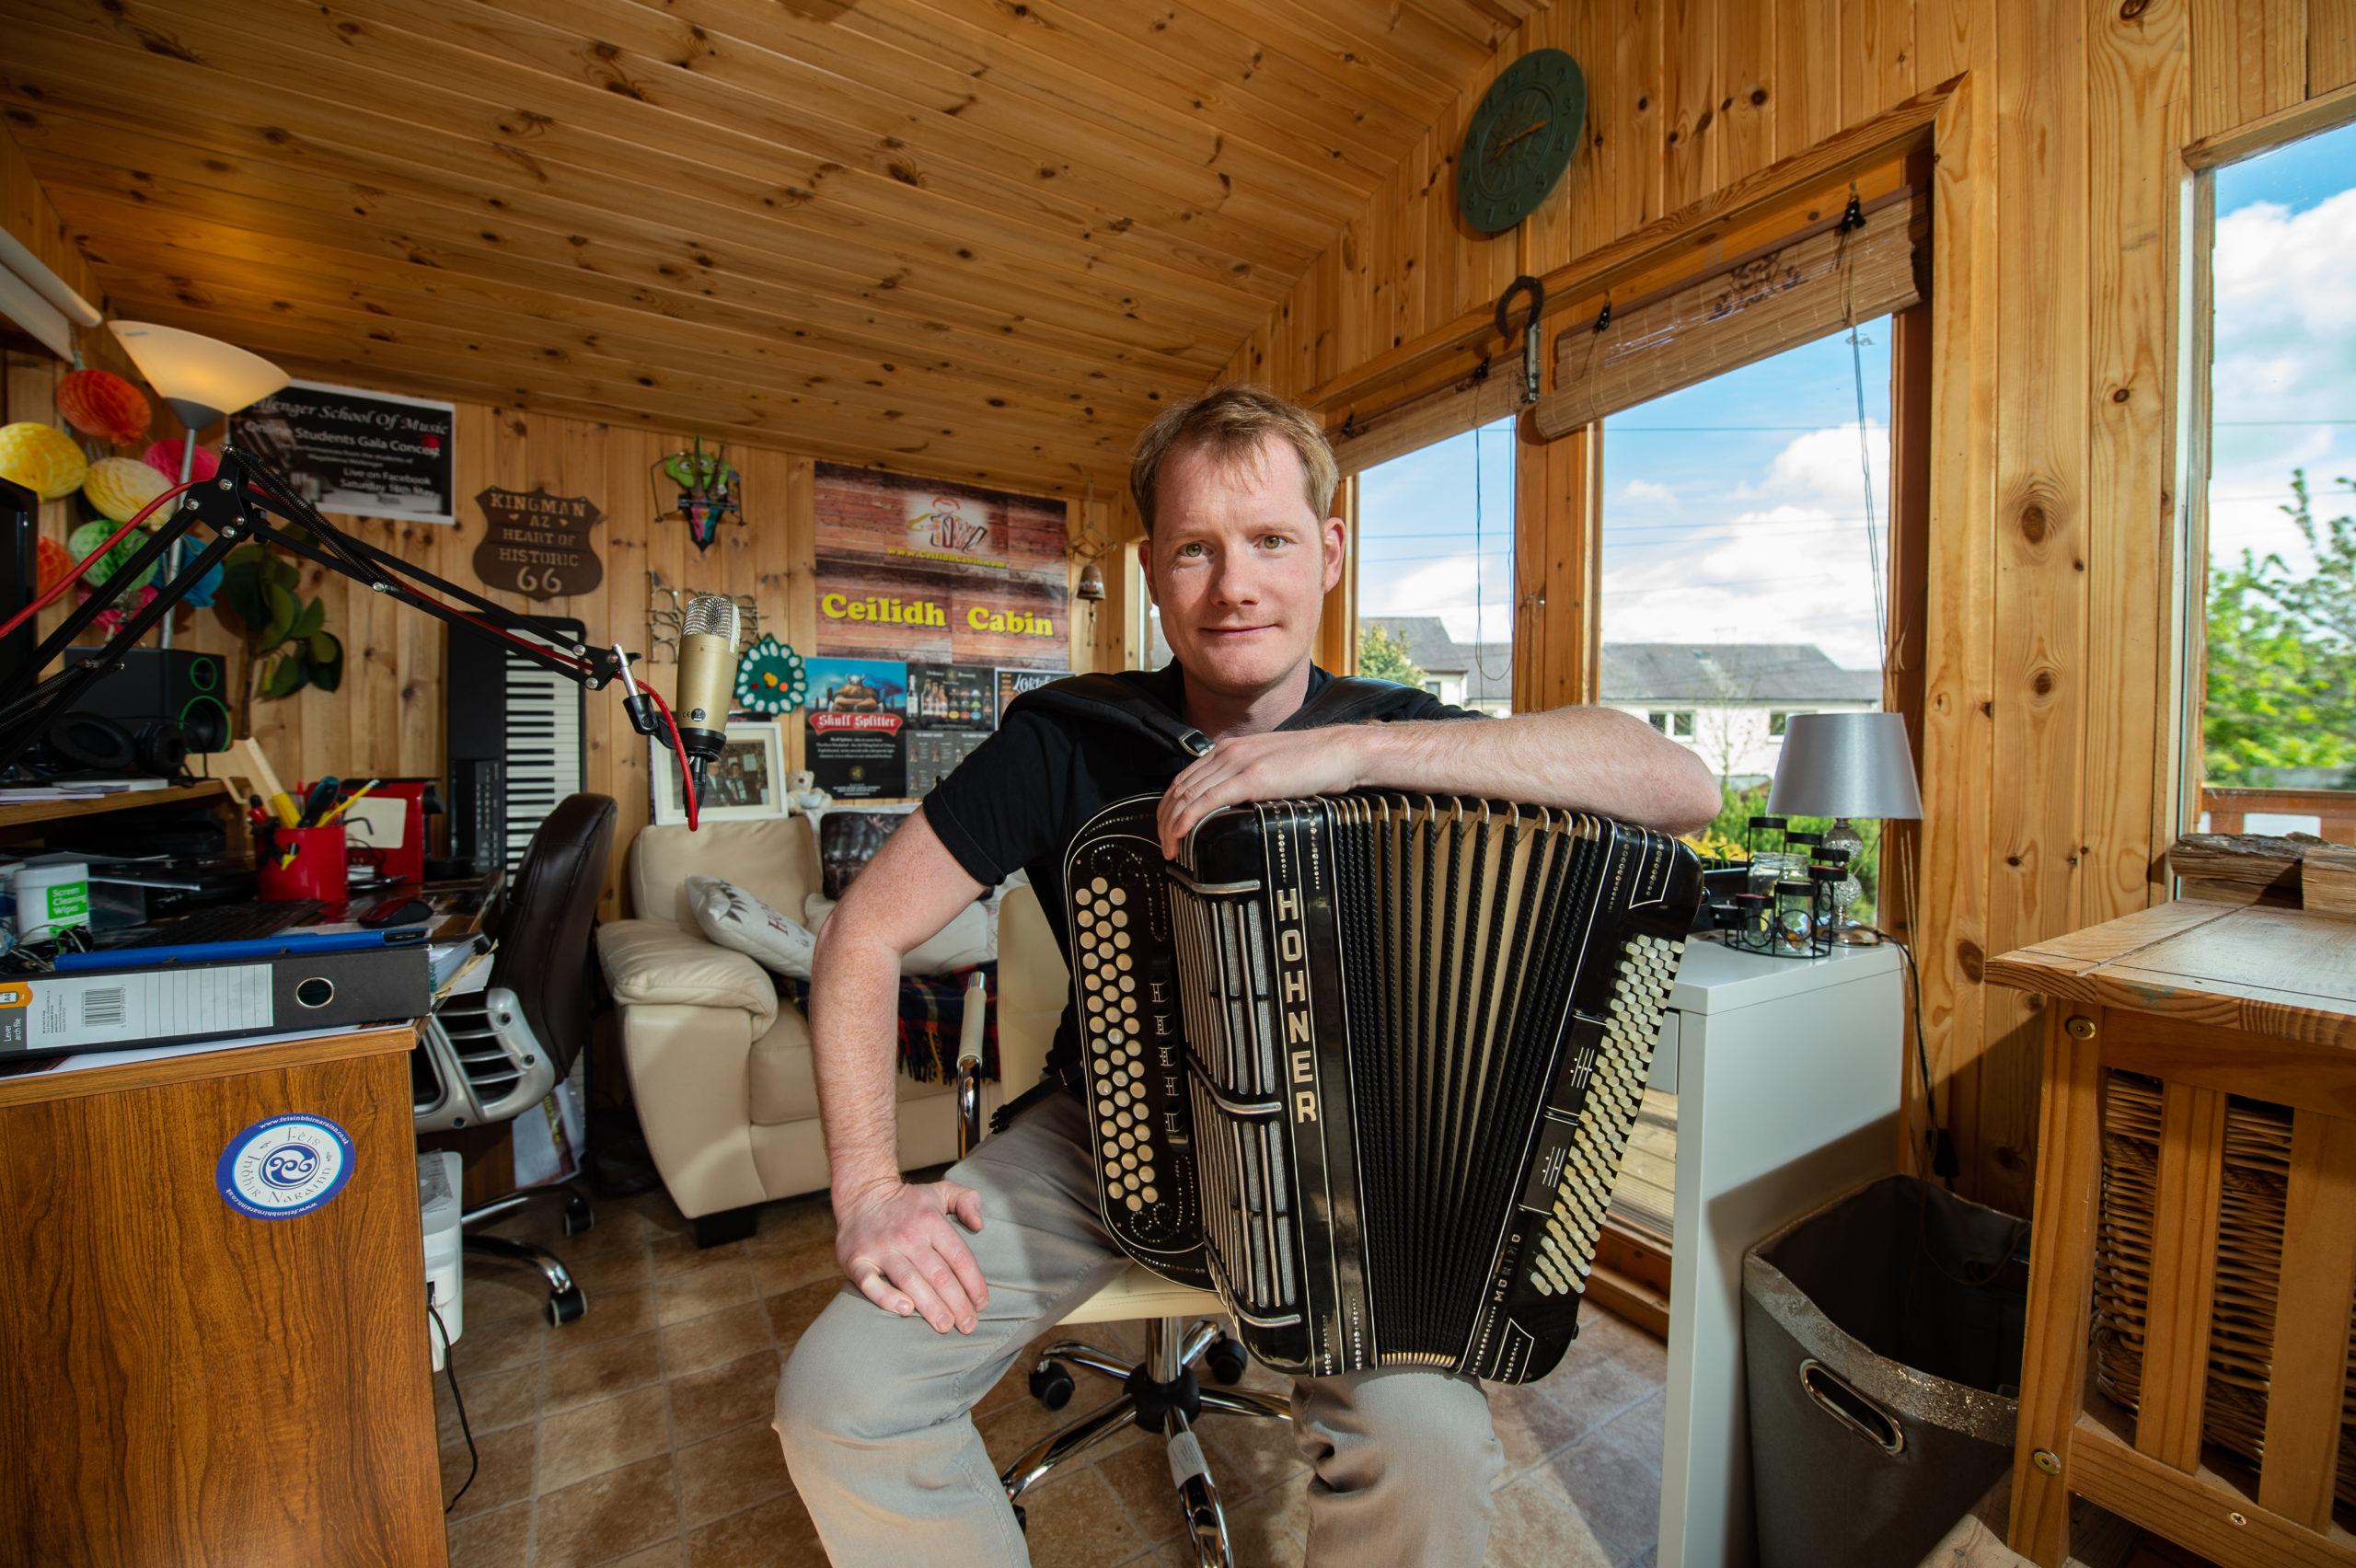 Graeme Mackay in his ceilidh cabin.